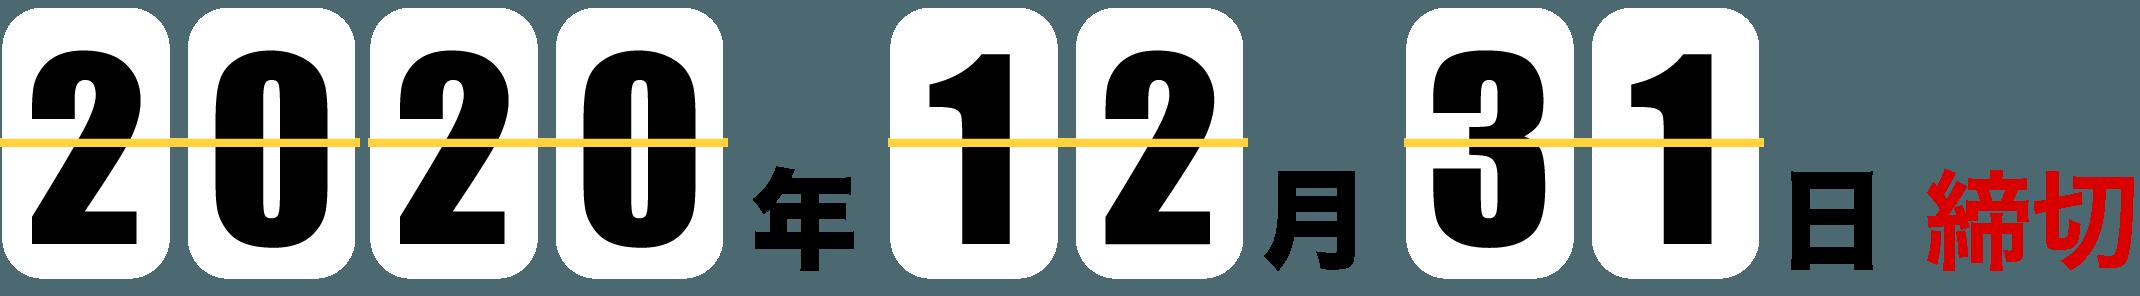 2020年12月31日締切(消印有効)